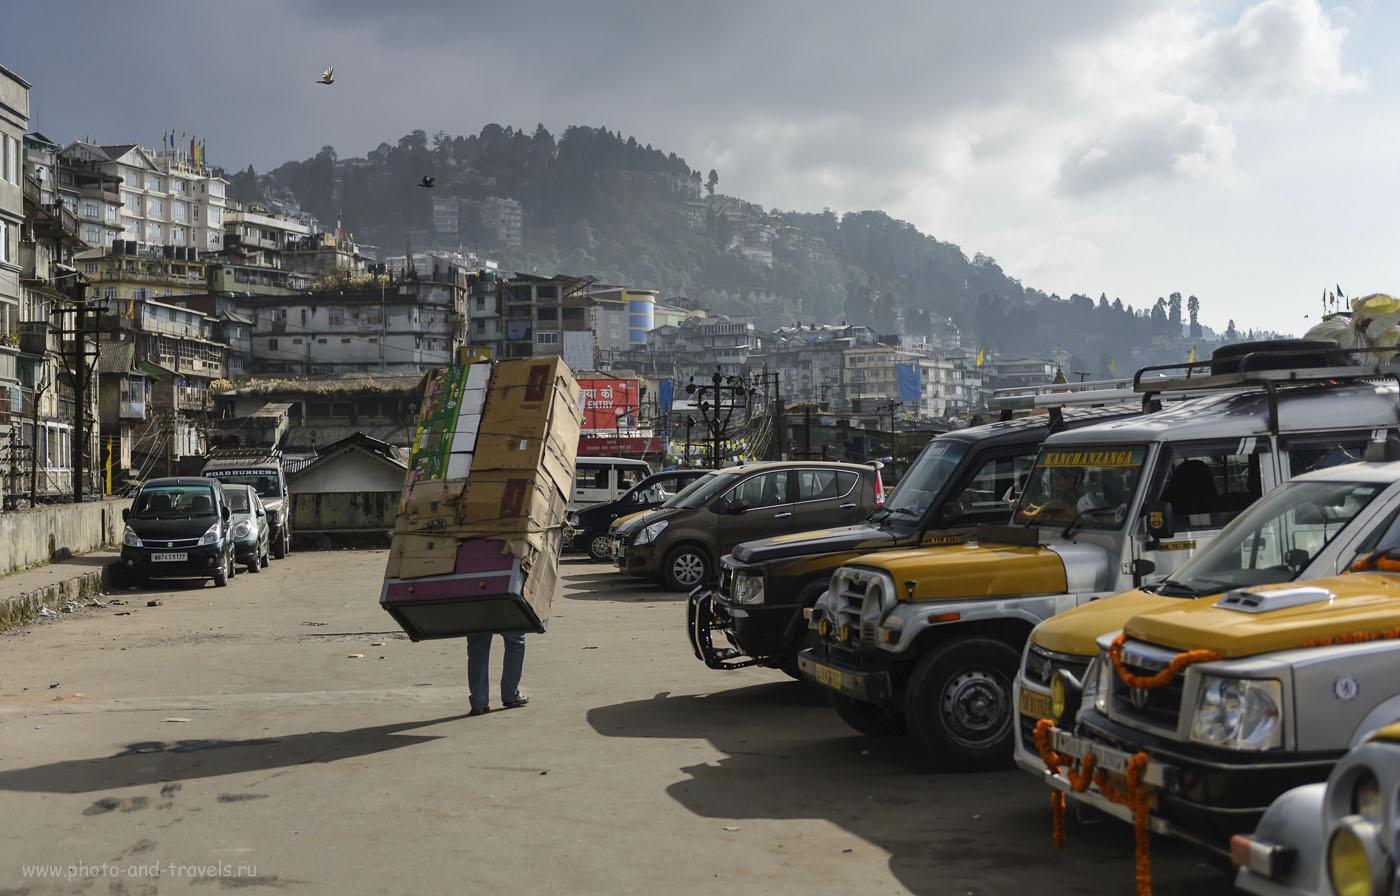 Фотография 27. Сценка в Дарджилинге. Отчет о самостоятельном туре в Индию. 1/2000, 2.8, 250, 50.